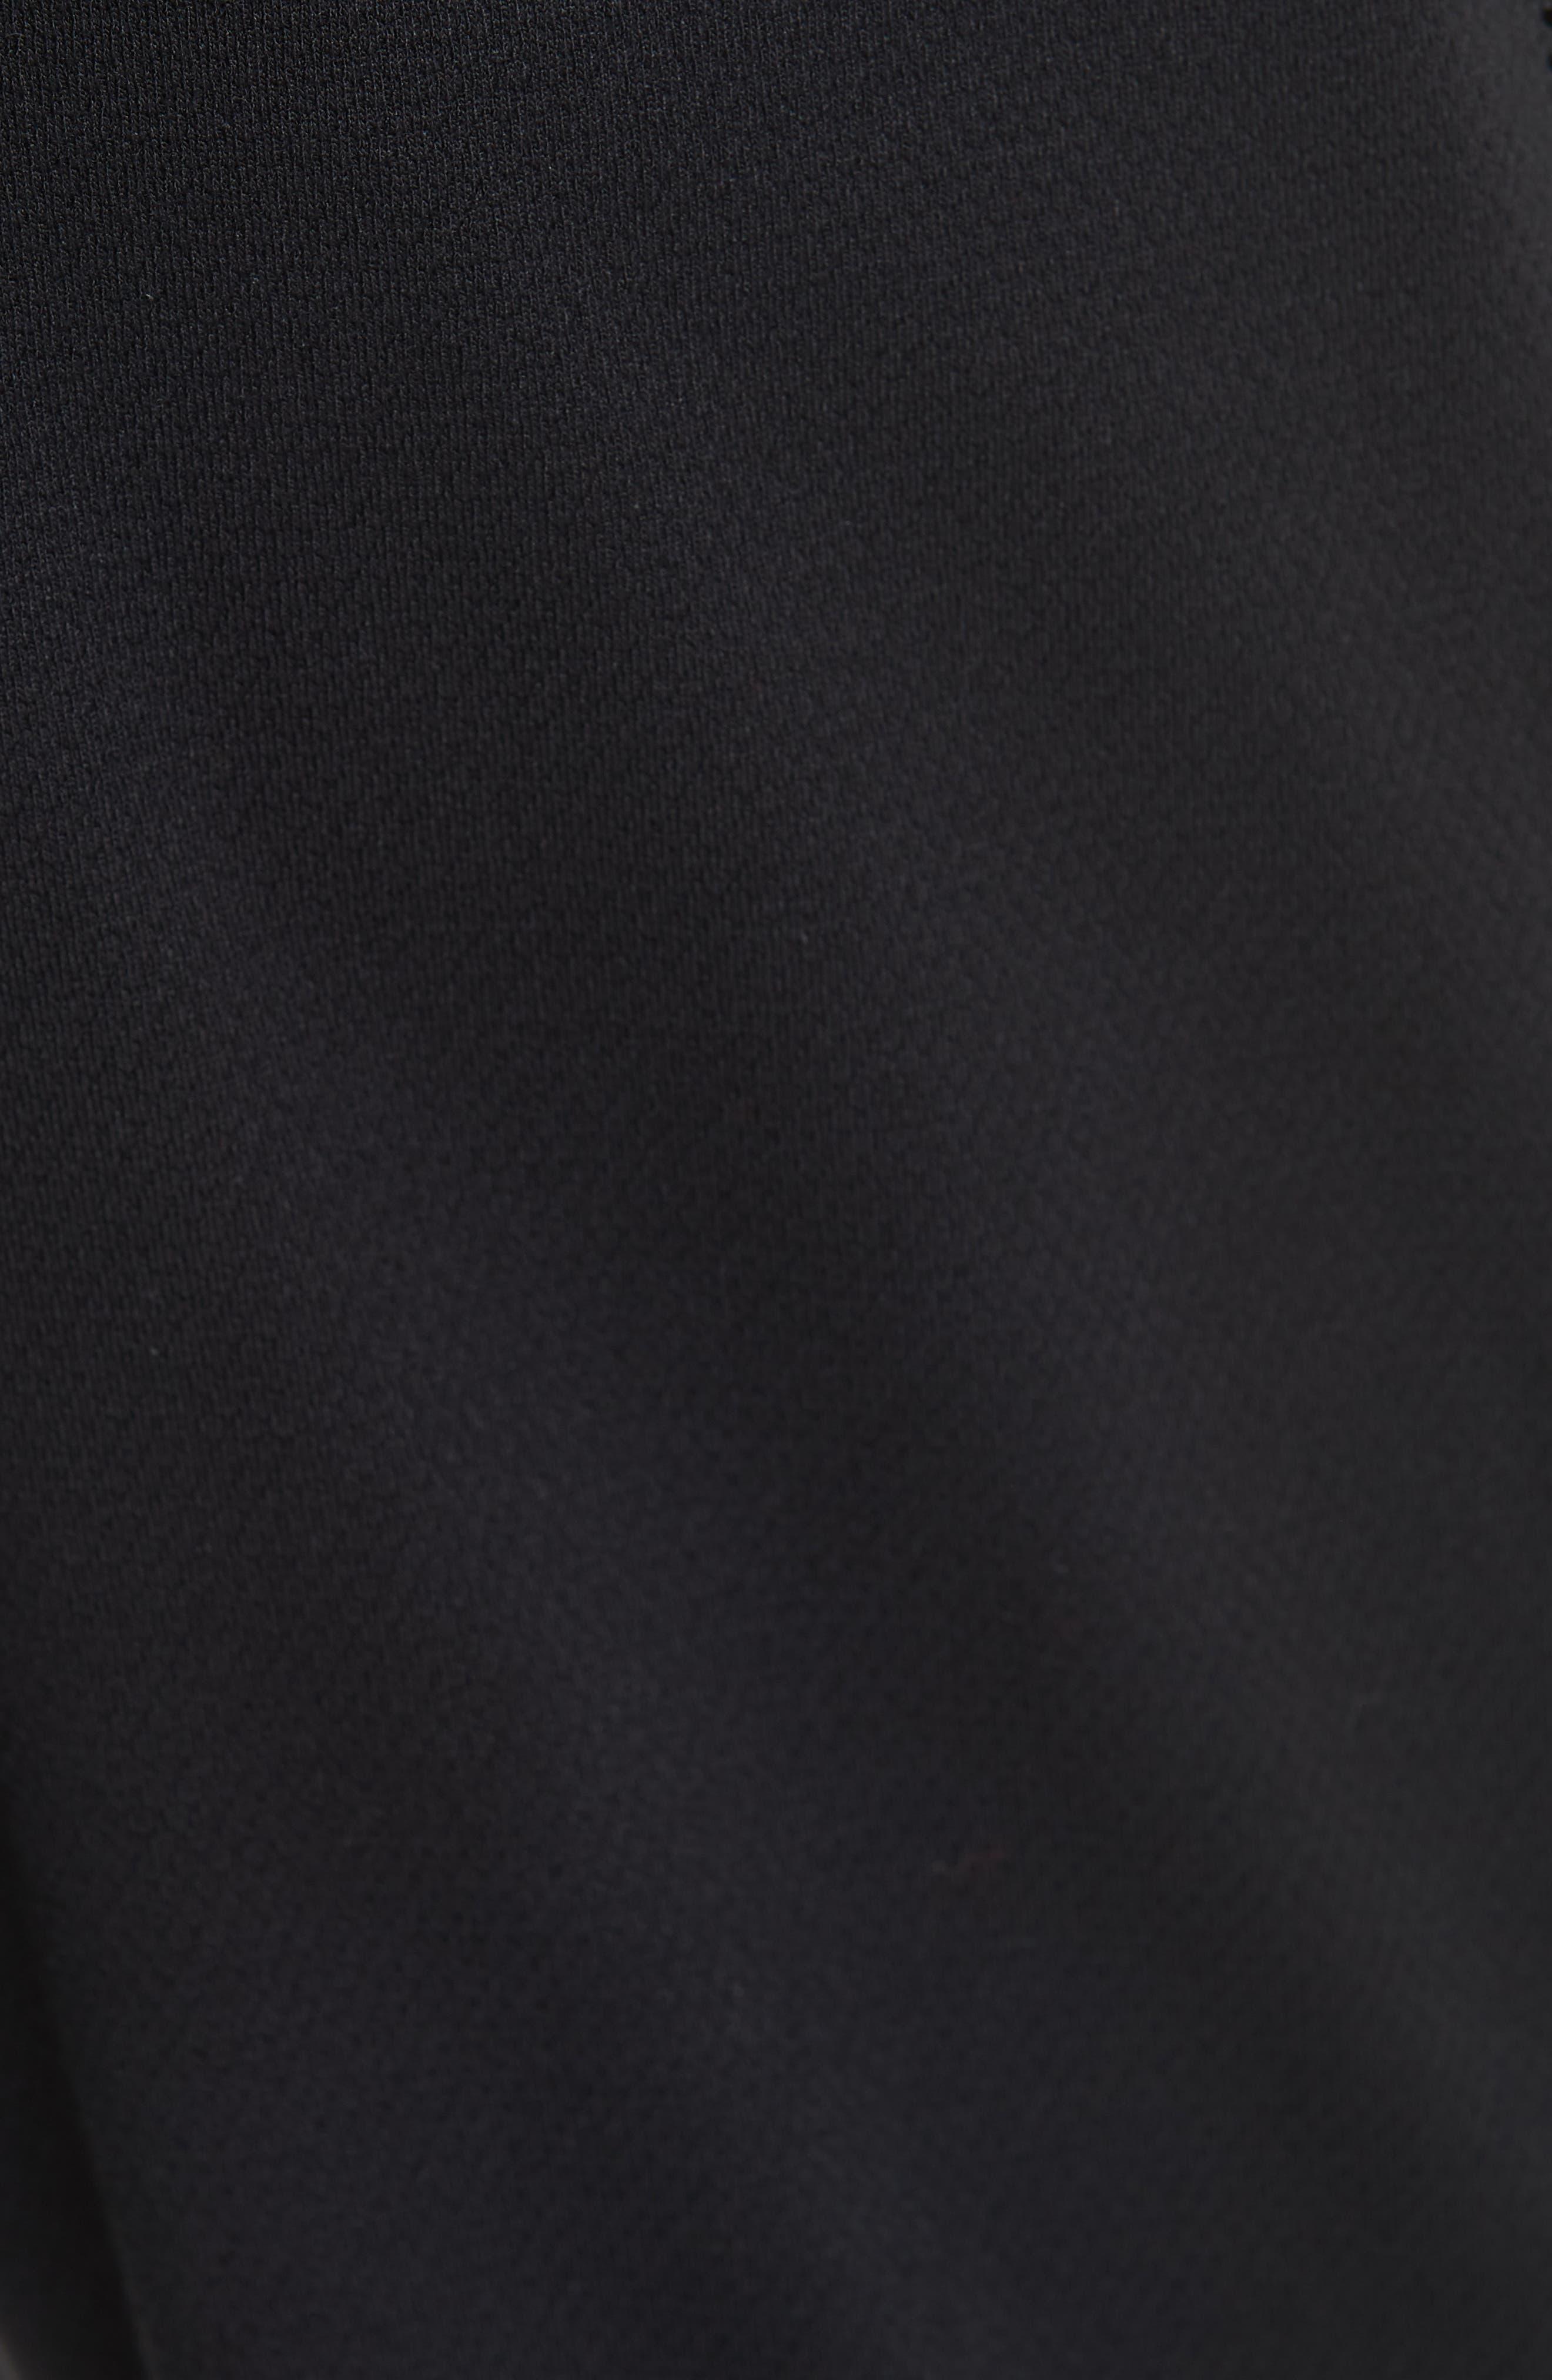 Stripe Jogger Pants,                             Alternate thumbnail 5, color,                             BLACK